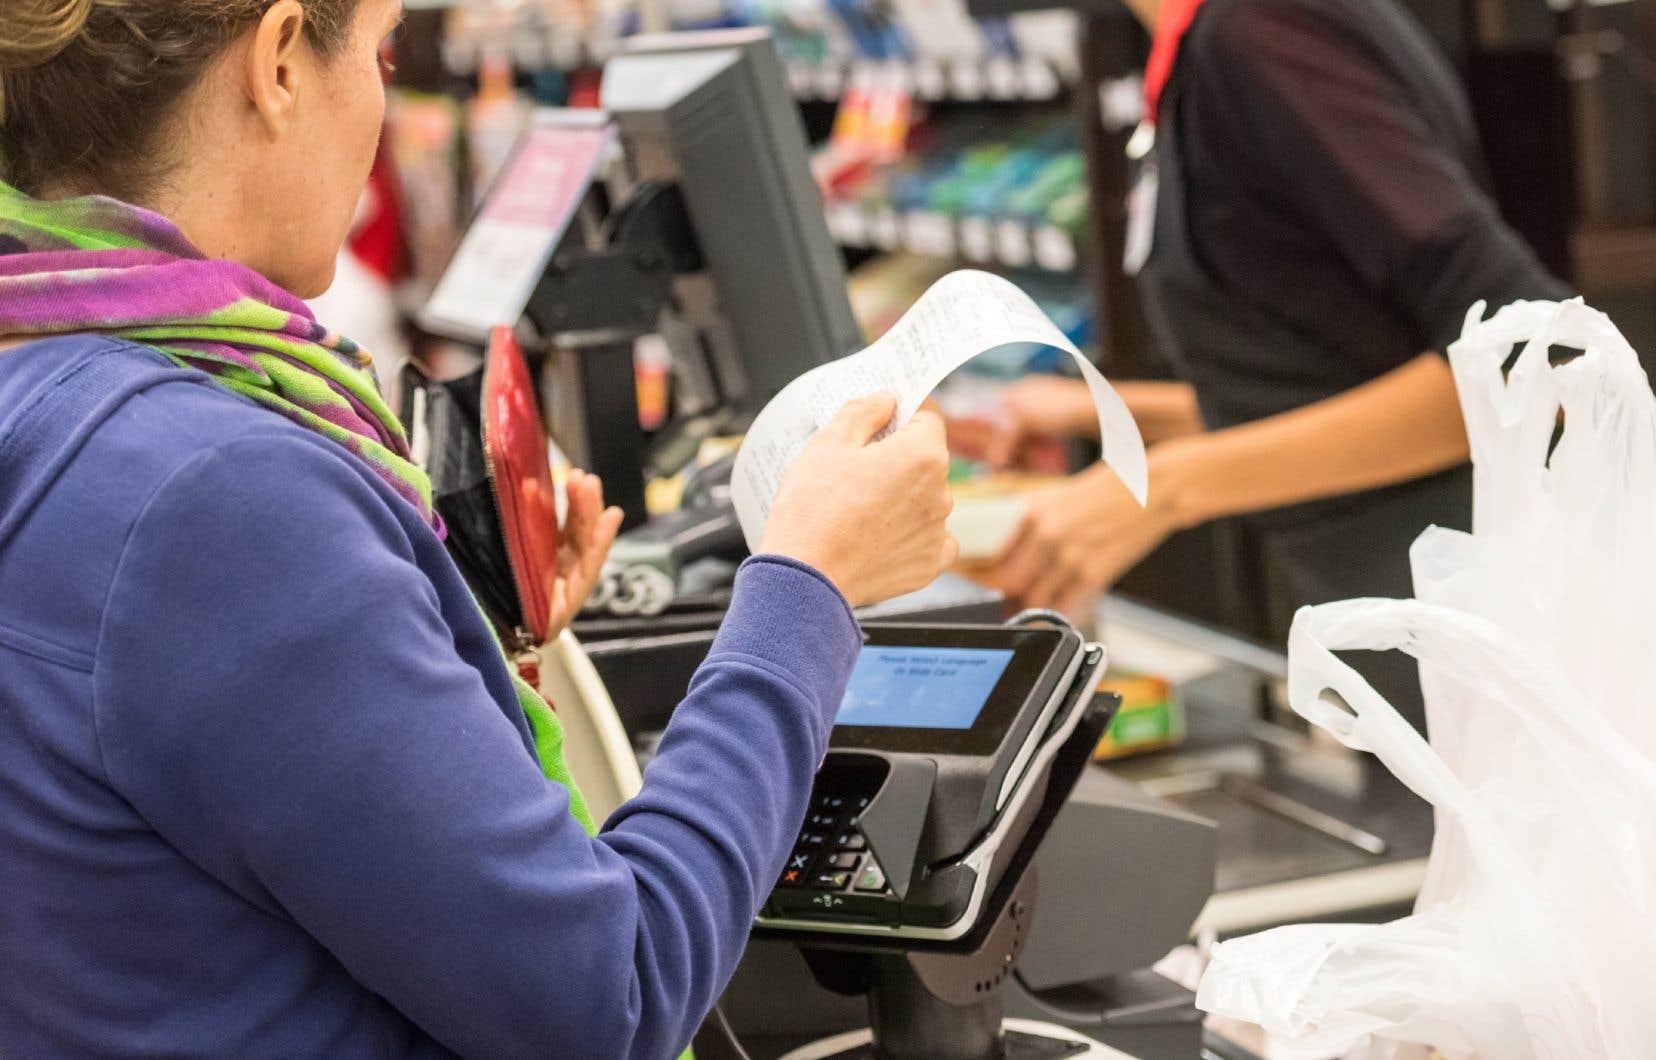 «De nombreux citoyens qui ont perdu leur emploi en raison de la pandémie actuelle doivent utiliser leur(s) carte(s) de crédit pour payer leur épicerie», rappelle l'autrice.